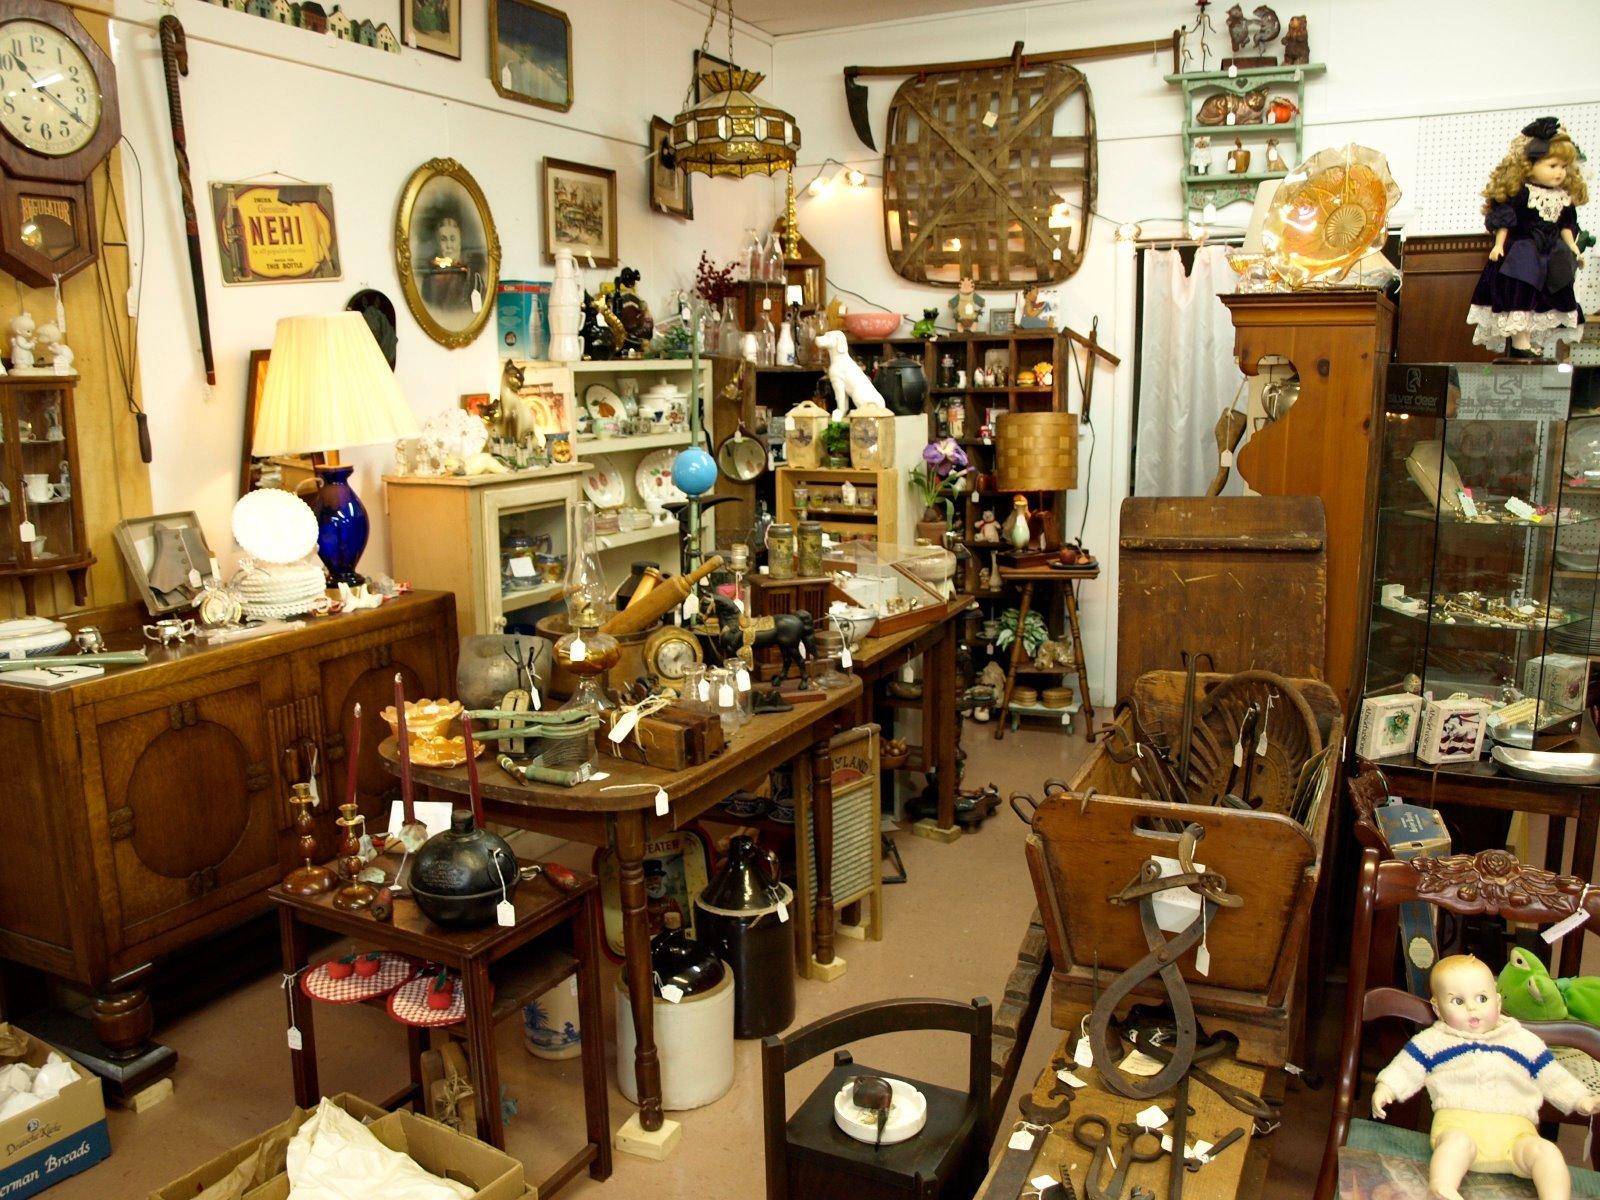 antique shop vintage design interior room wallpaper 1600x1200 421642 wallpaperup. Black Bedroom Furniture Sets. Home Design Ideas